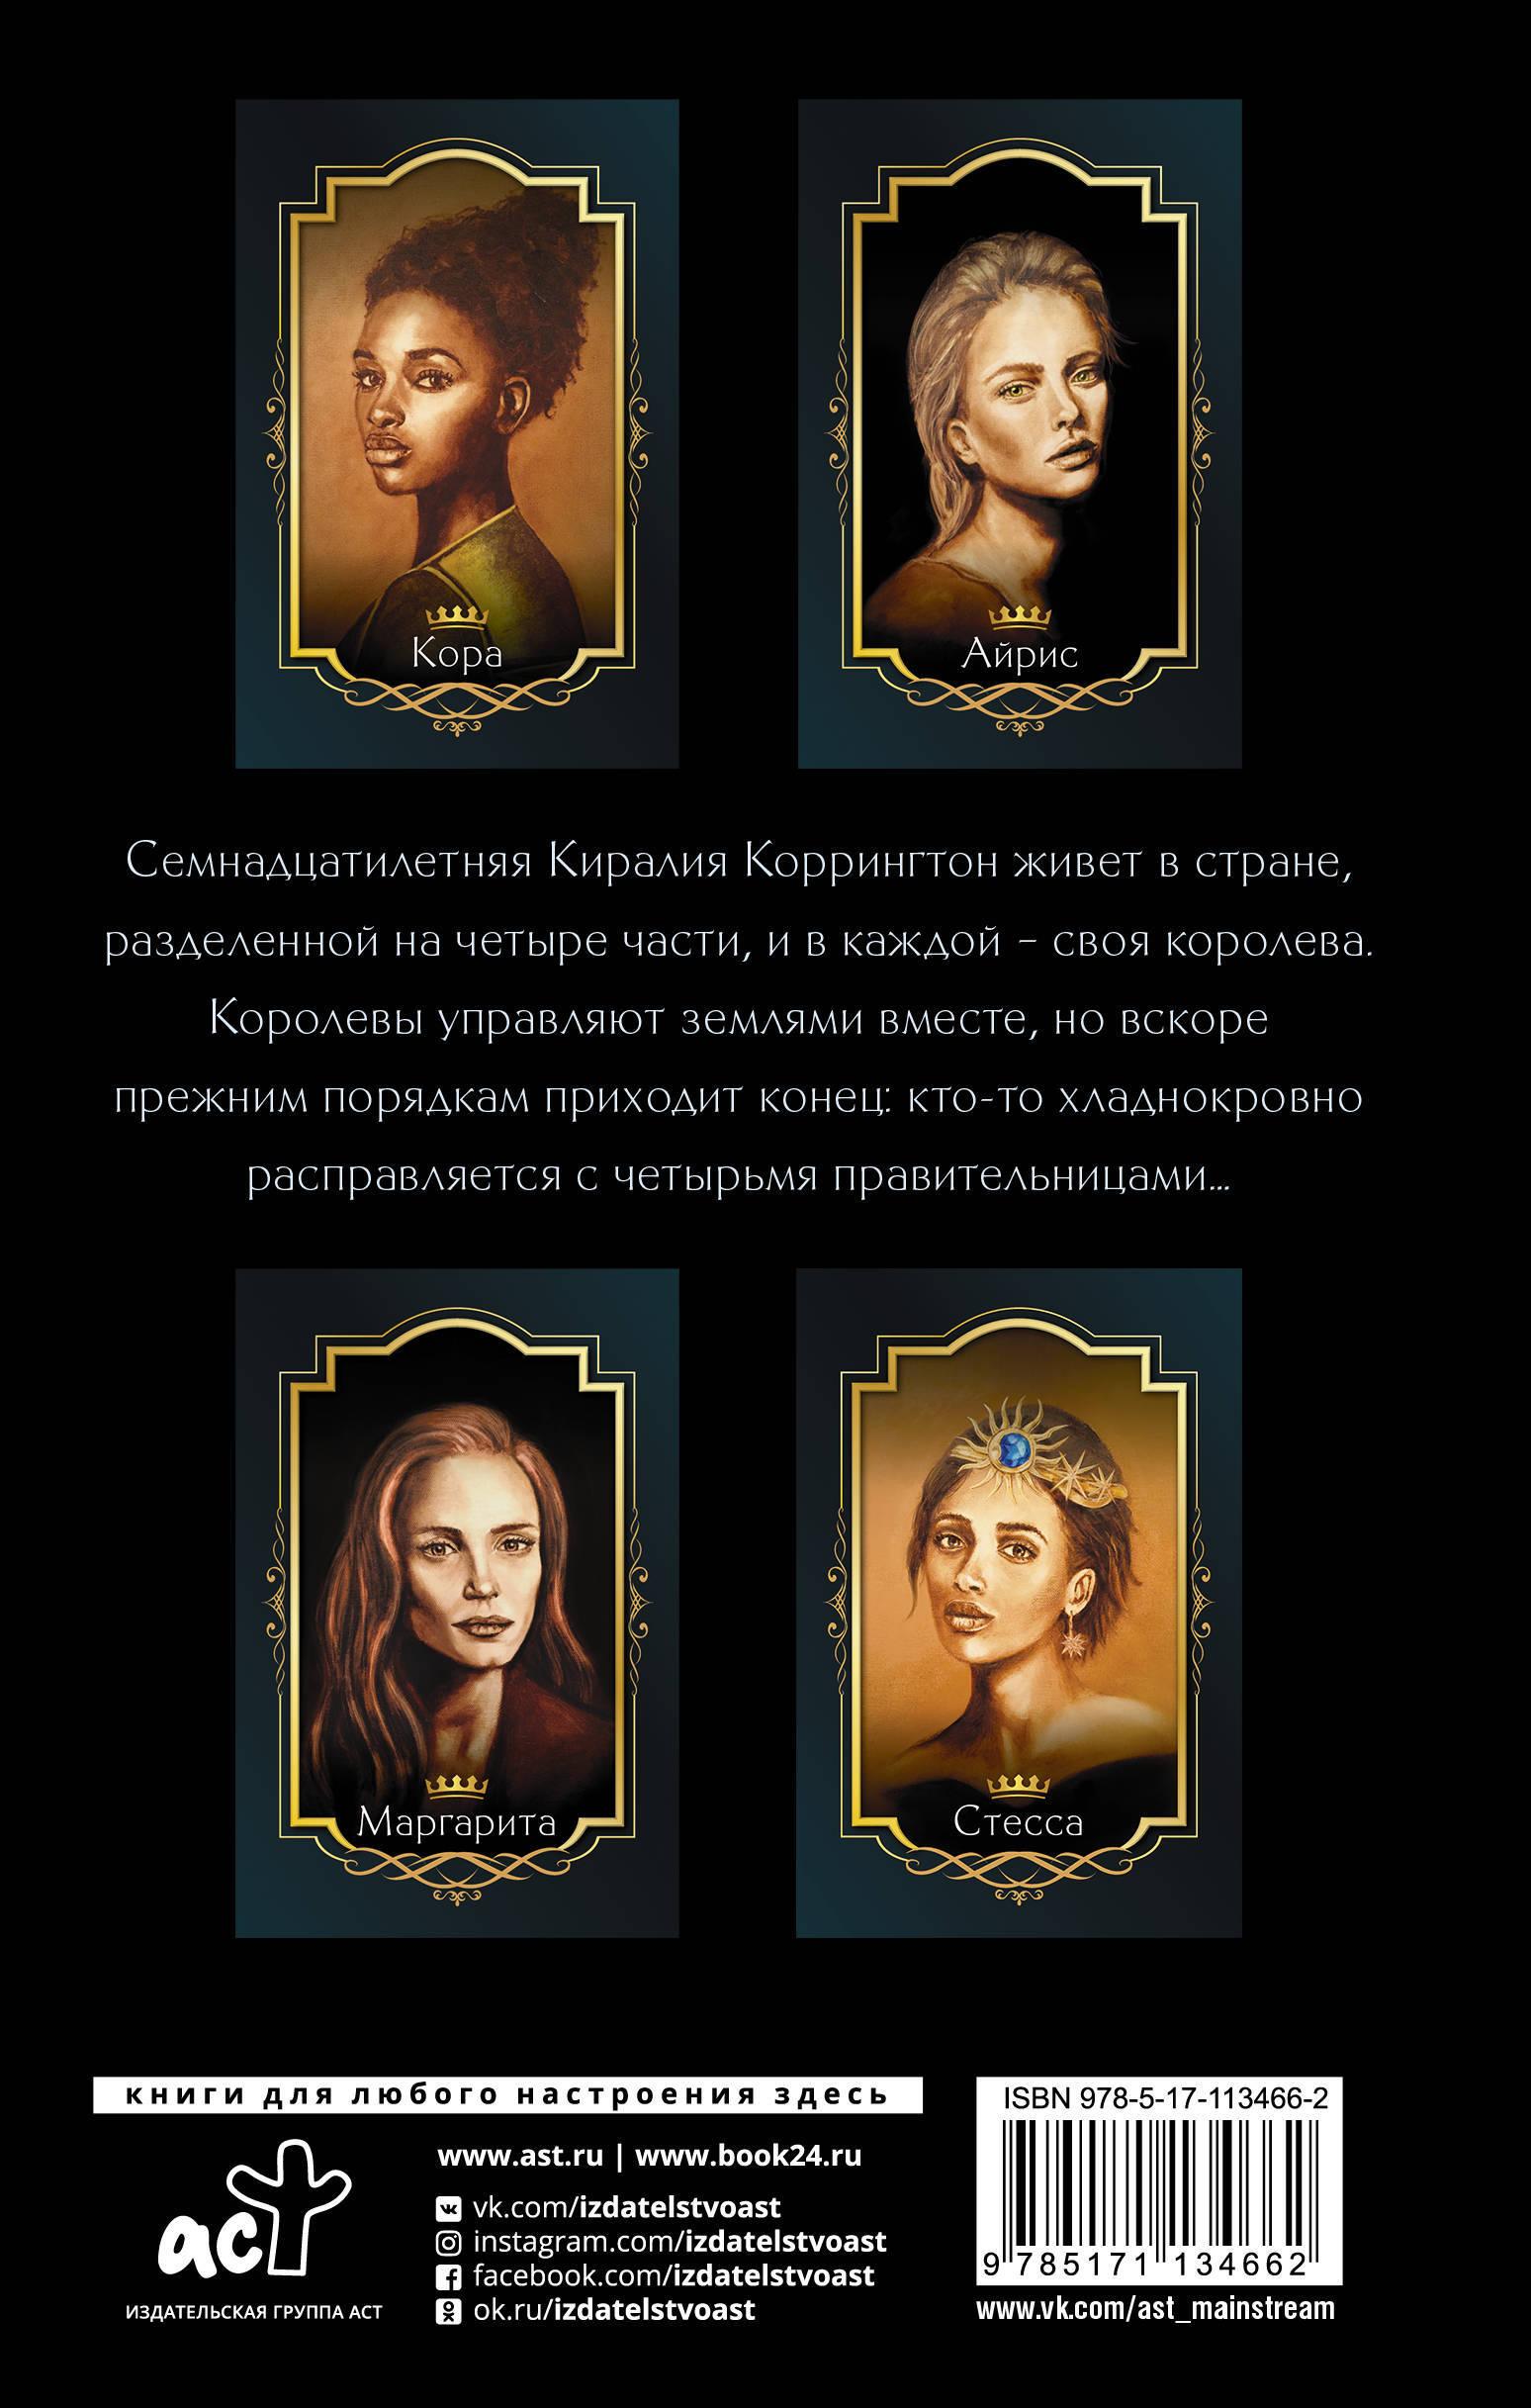 Четыре мертвые королевы | Шольте Астрид. Шольте Астрид